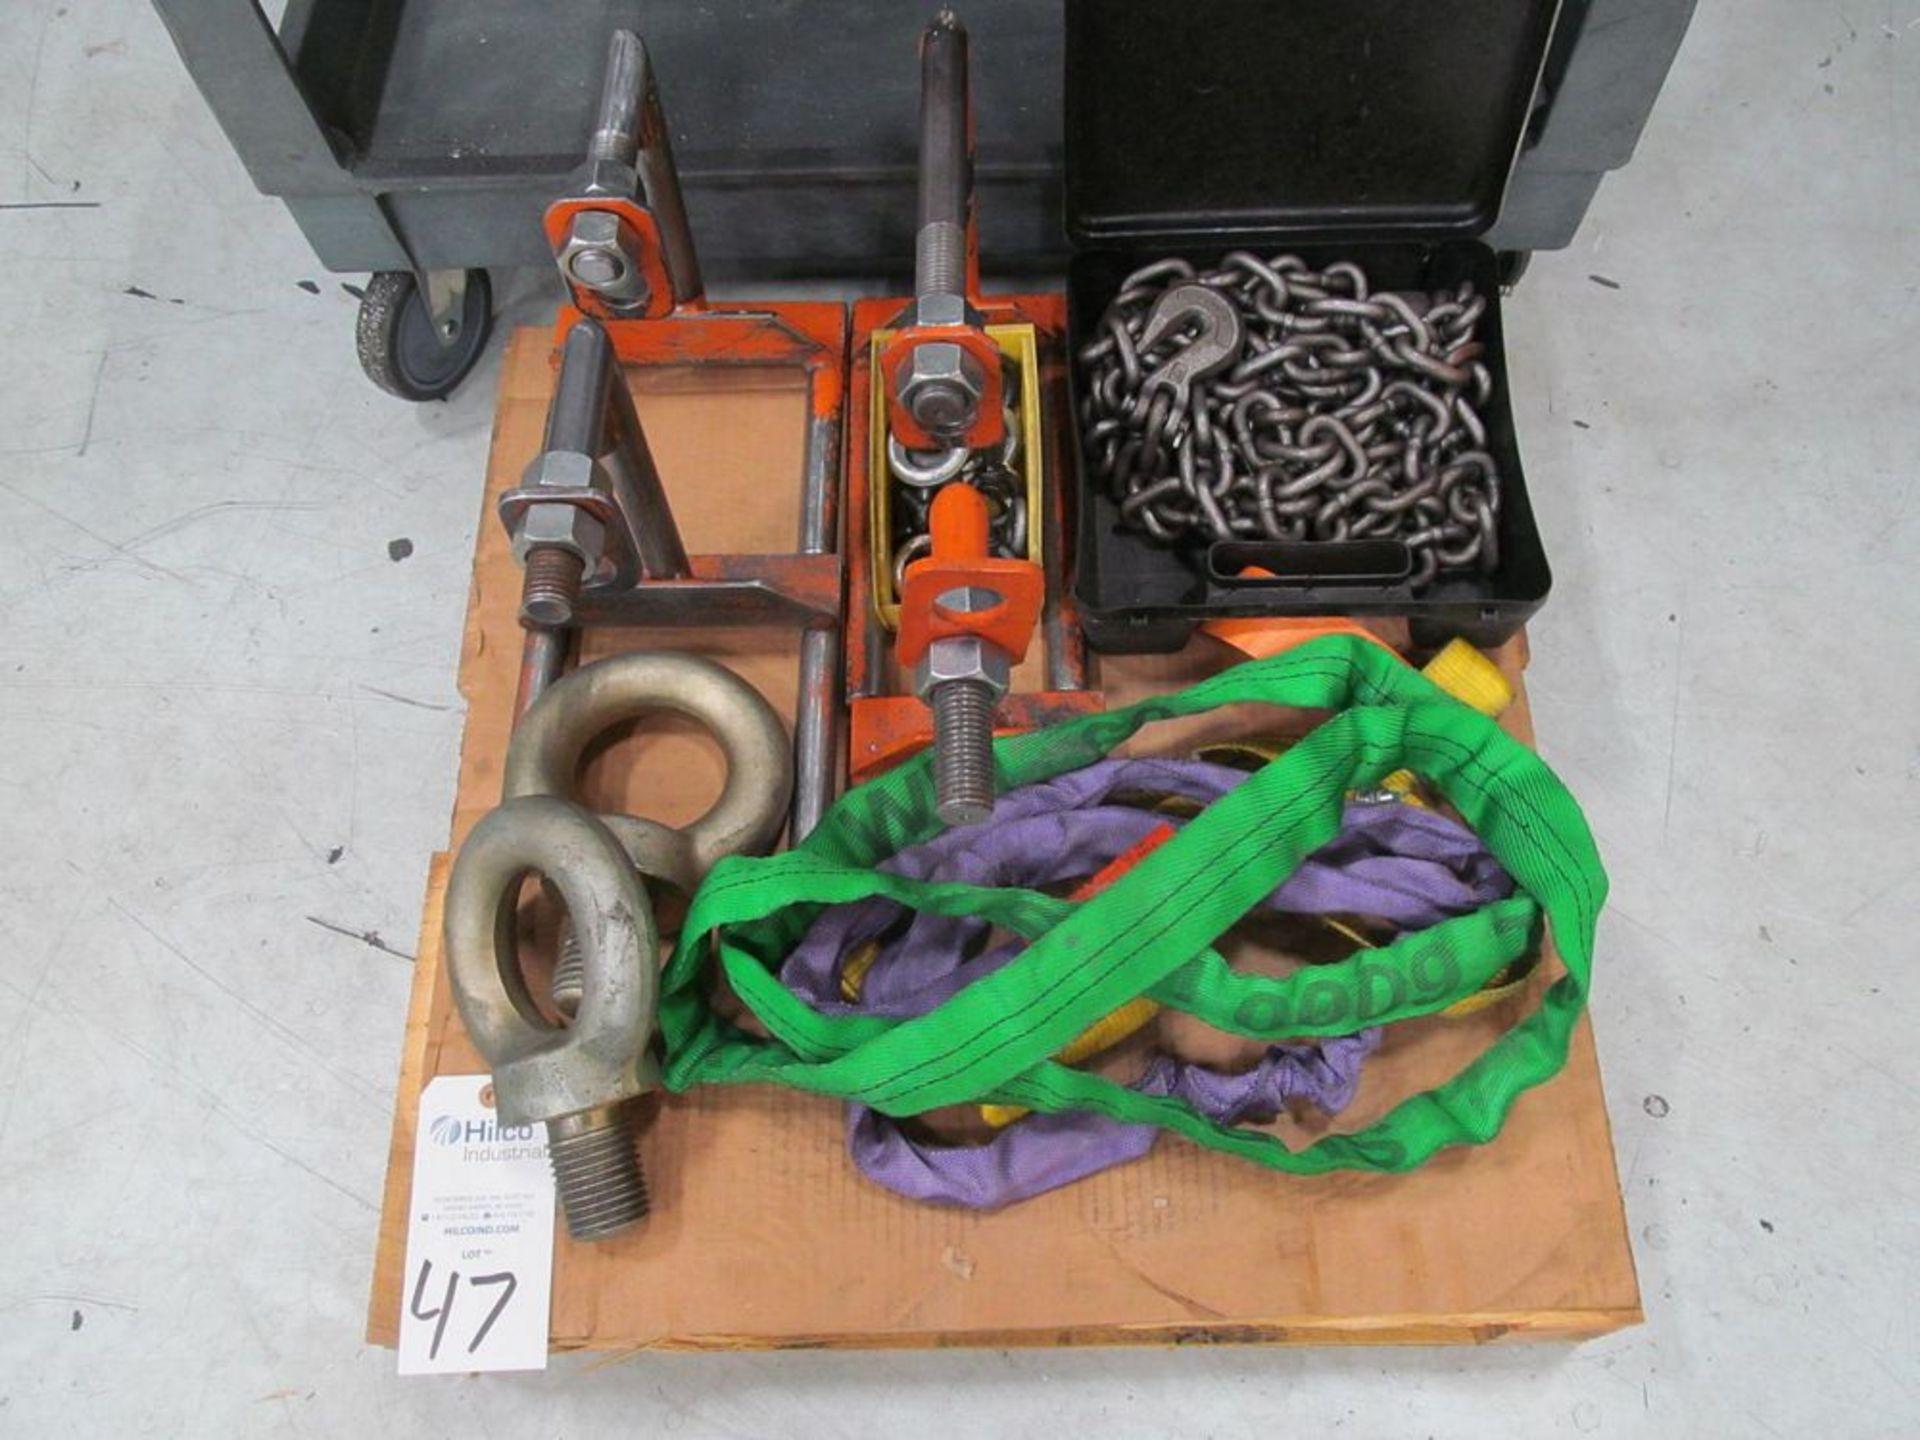 Lot 47 - Lifting Equipment